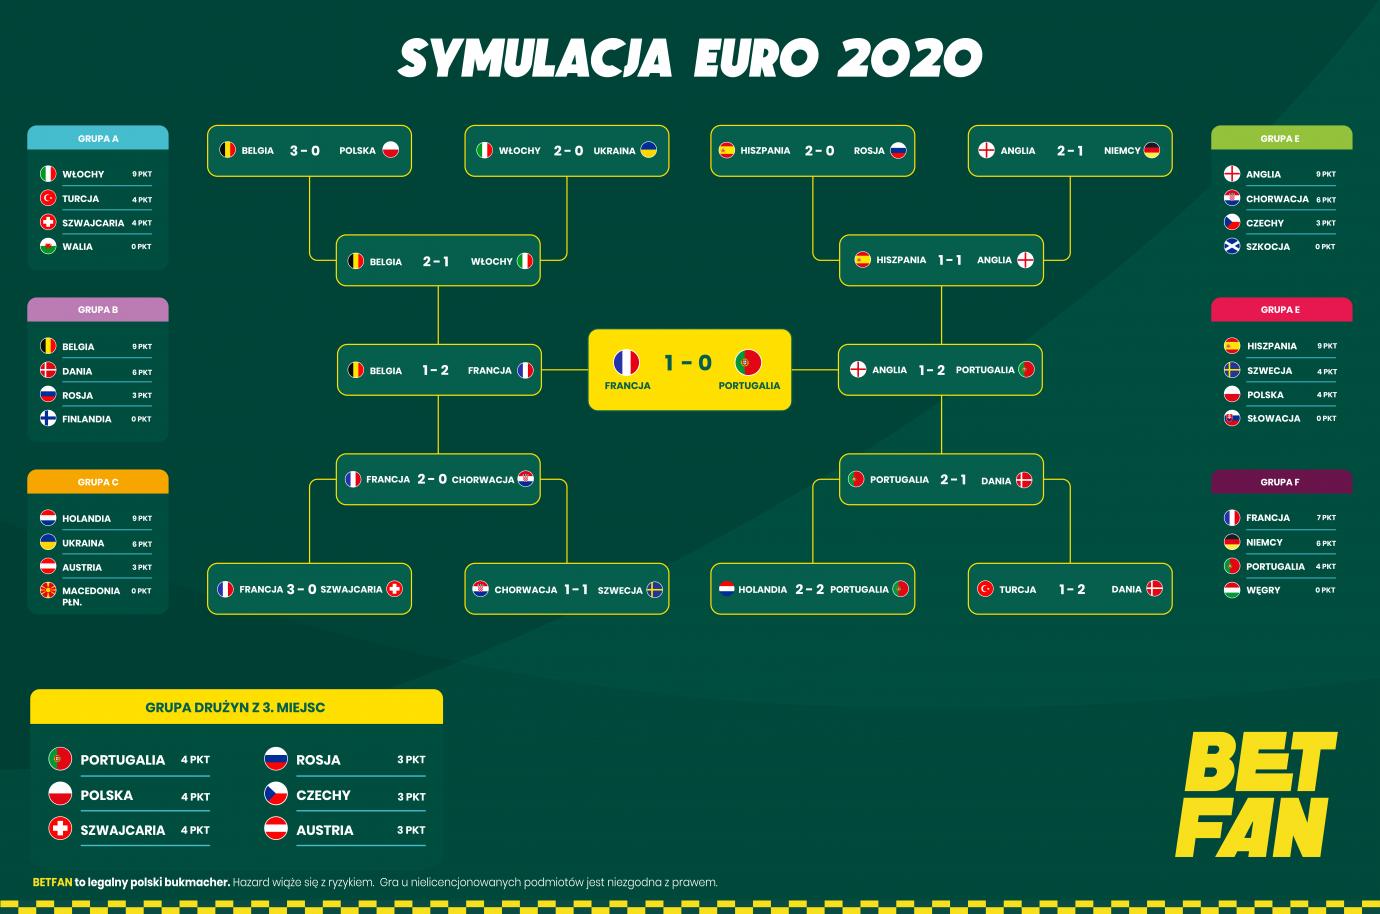 Symulacja EURO 2020